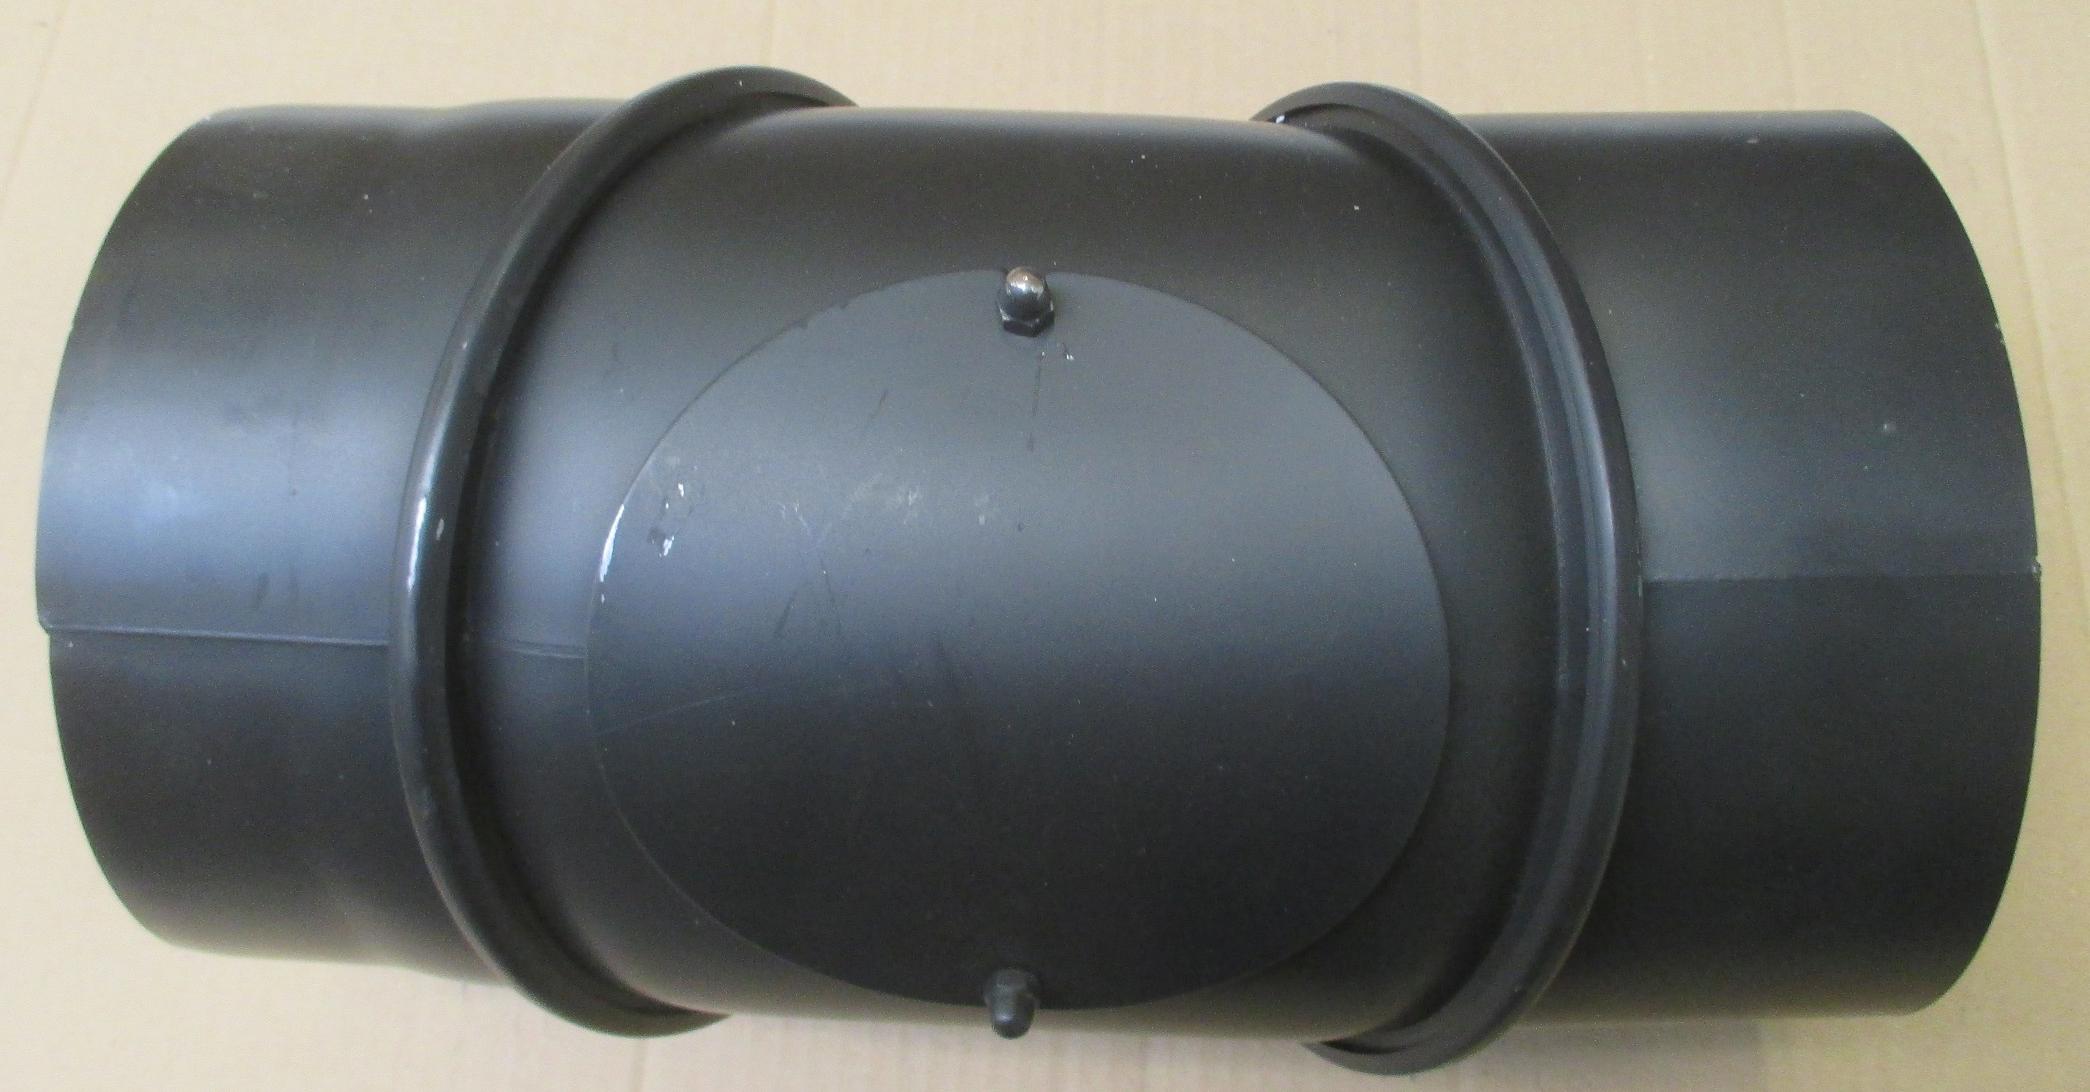 B-Ware Ofenrohr Bogenknie 3tlg verstellbar 0-90° Ø200mm schwarz m. Tür Bild 3